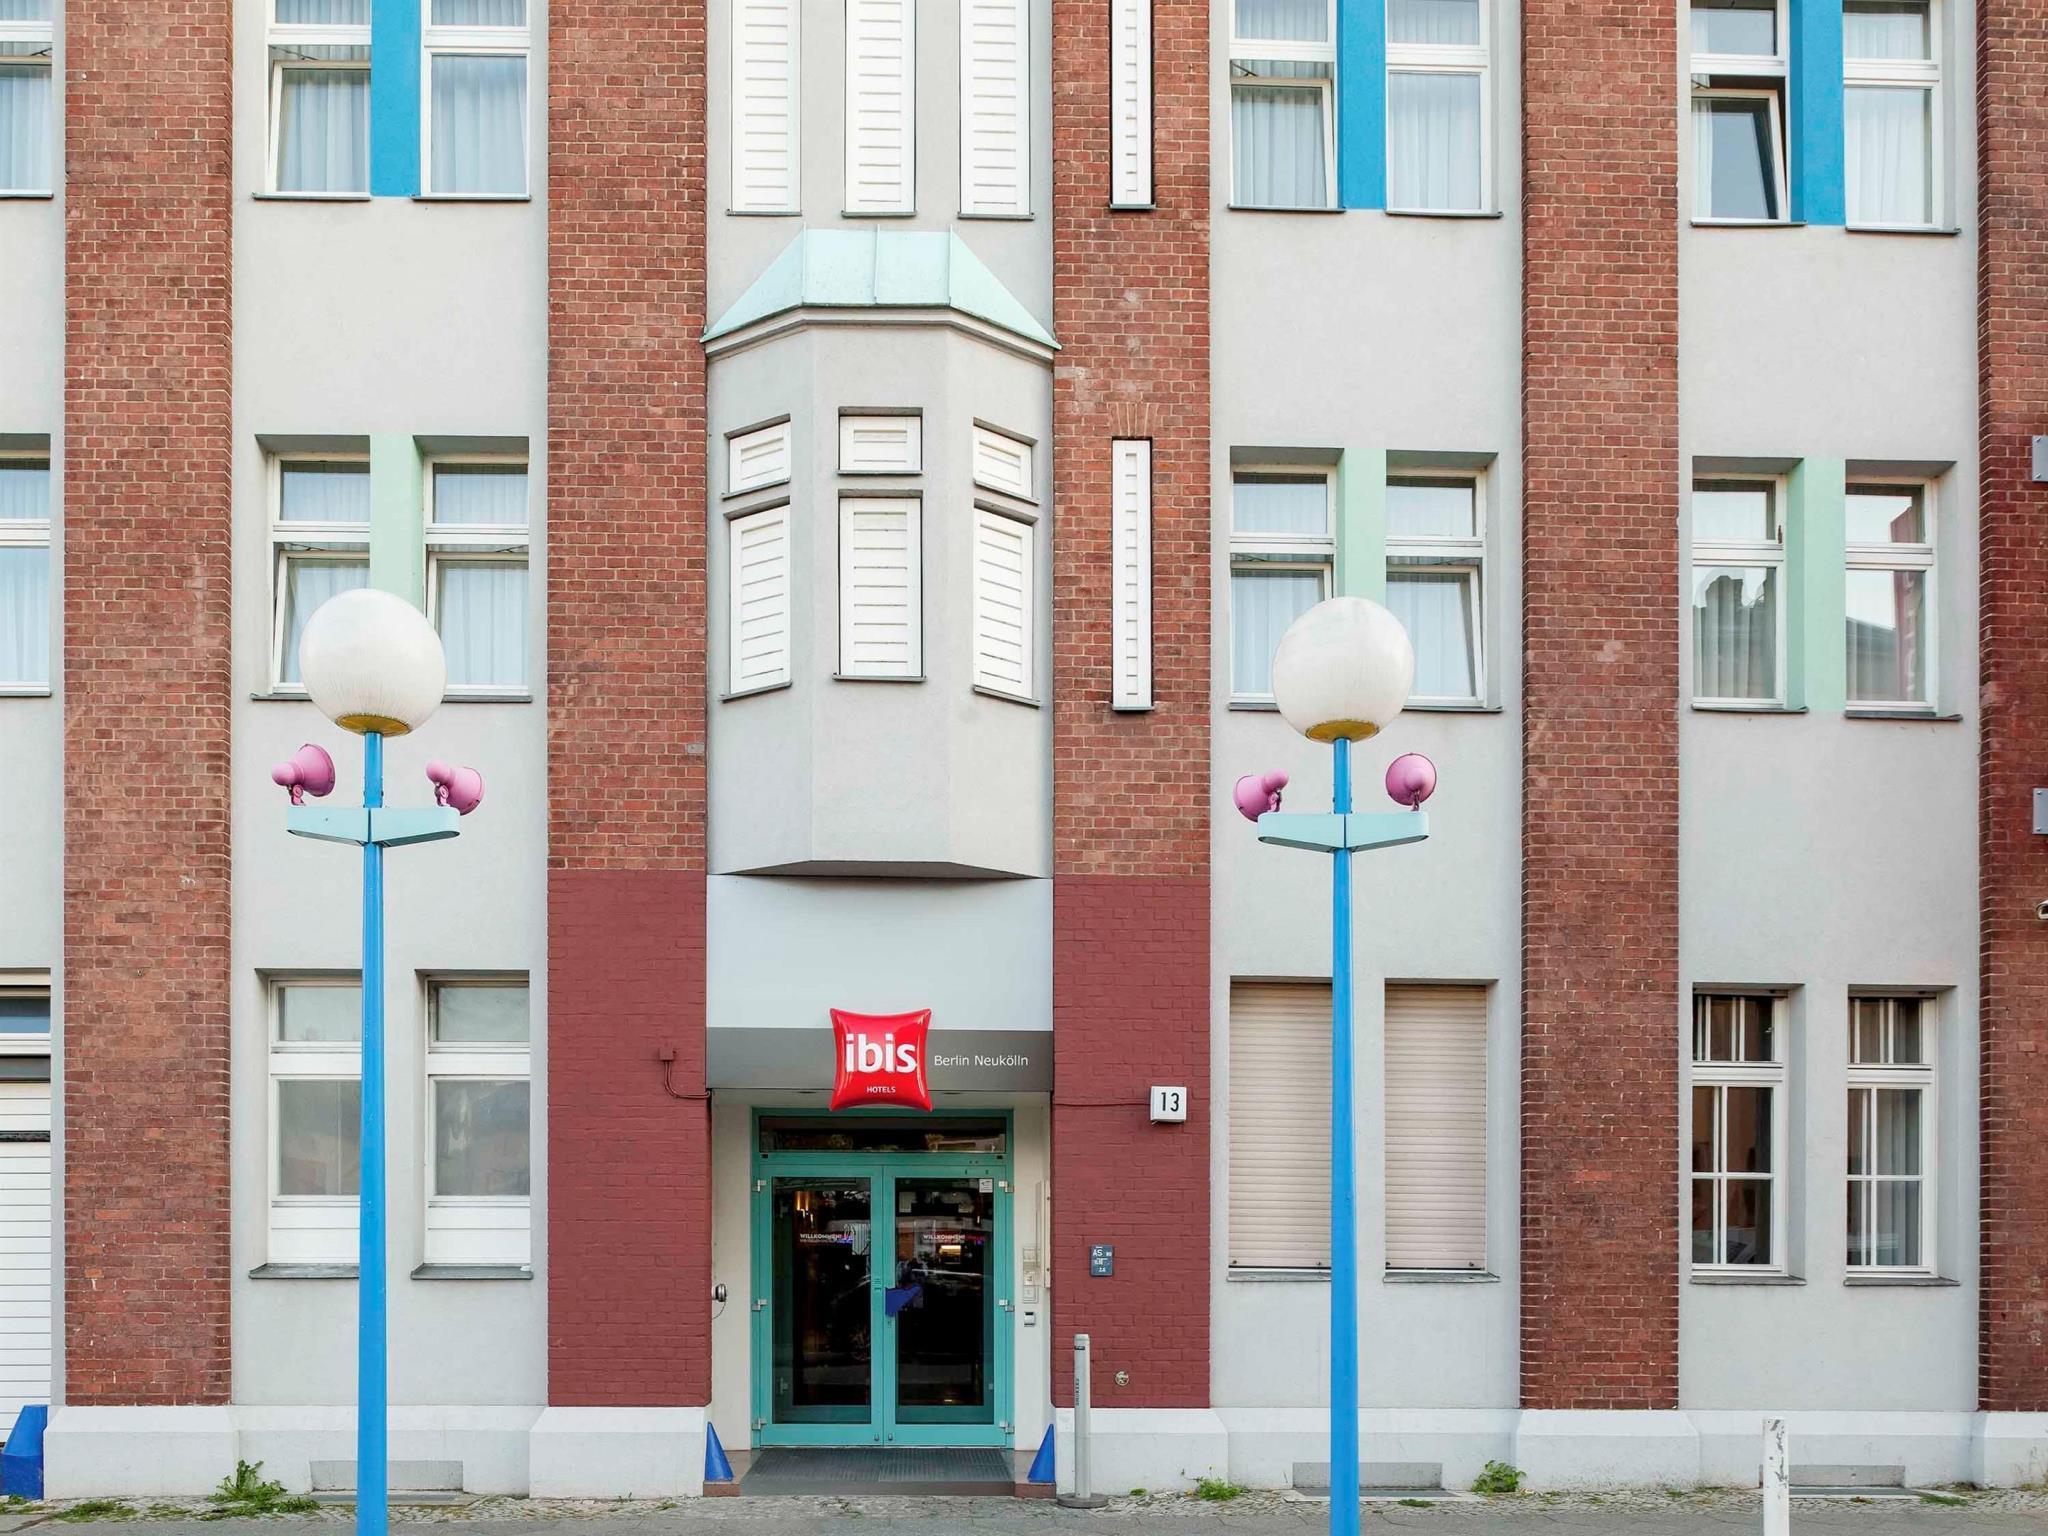 Ibis Berlin Neukoelln